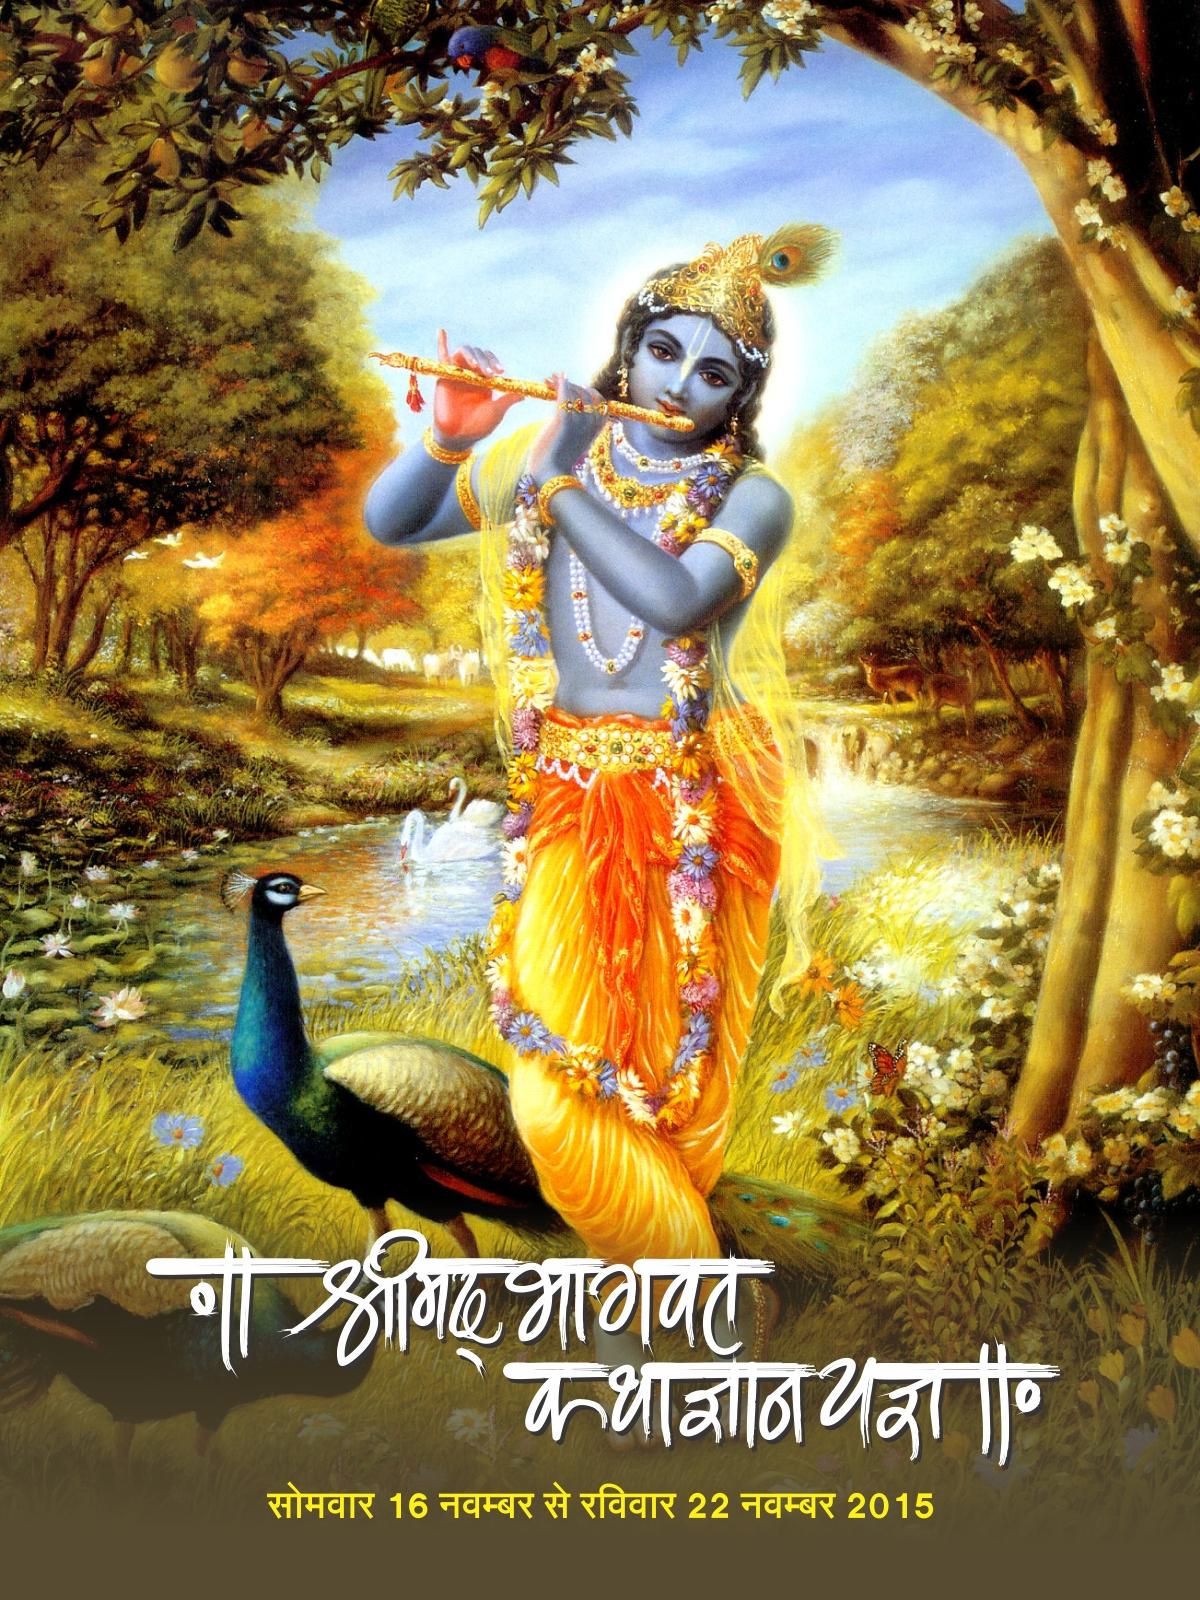 Shrimad Bhagwat Katha Invitation Card